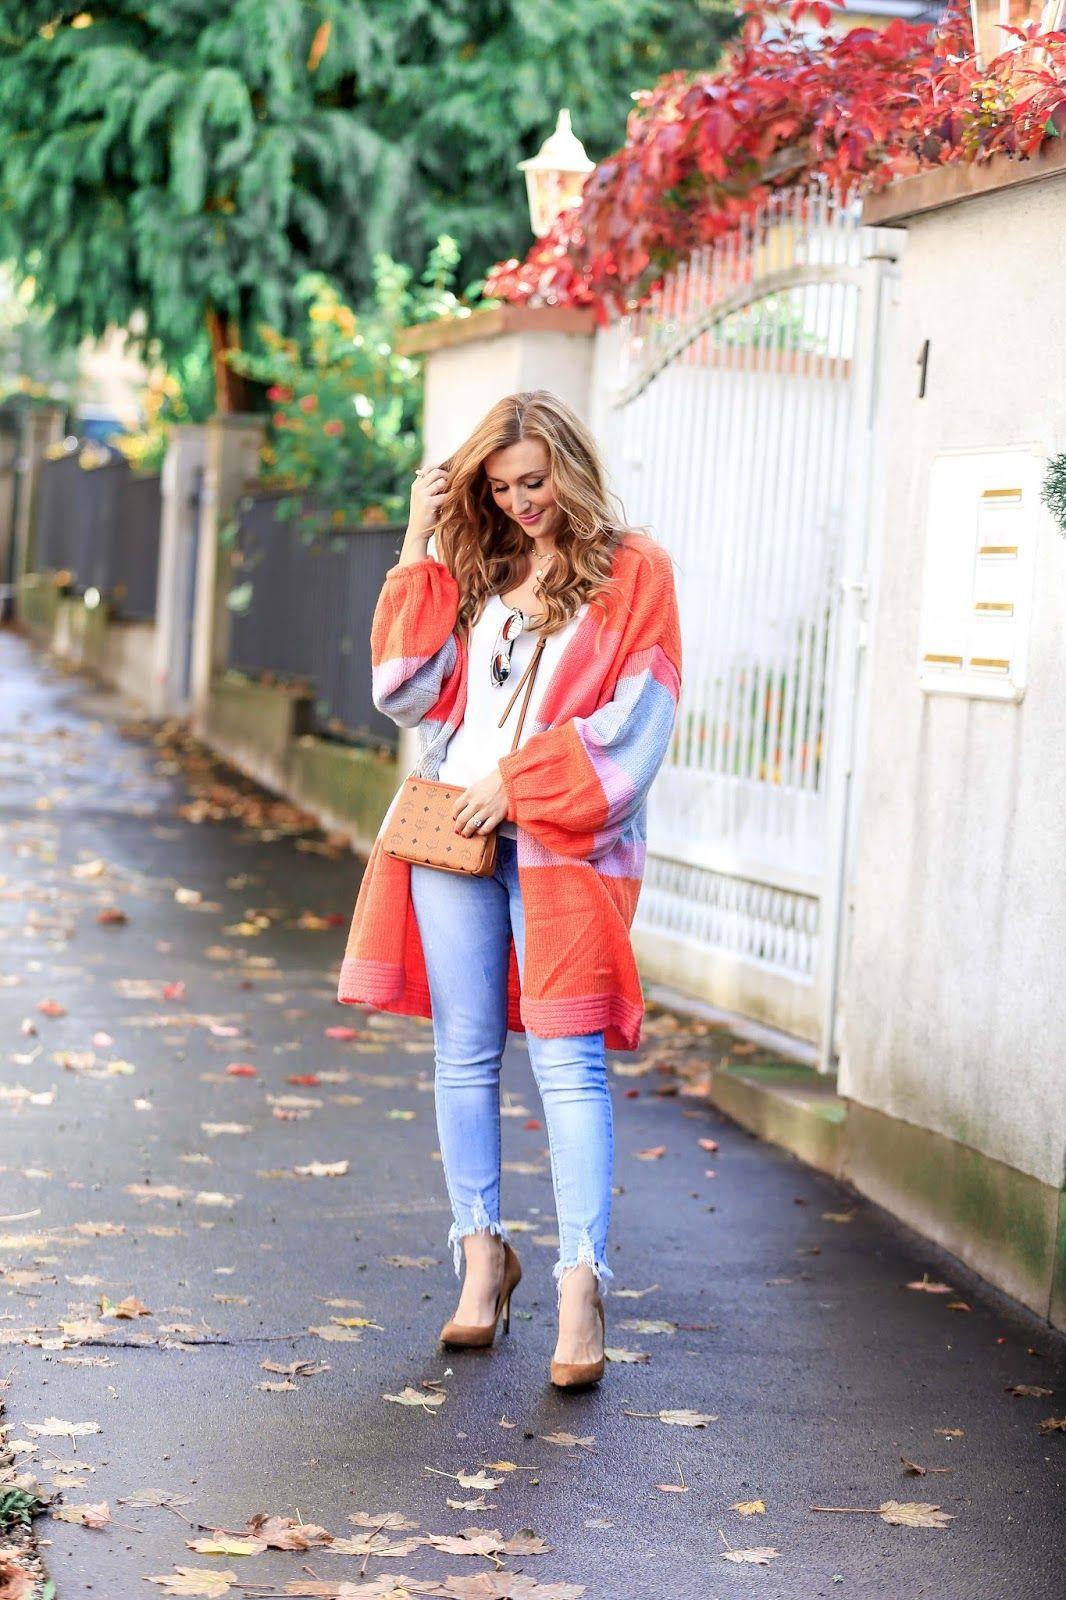 Mein perfekter Herbstlook mit einem bunten Cardigan | Helle